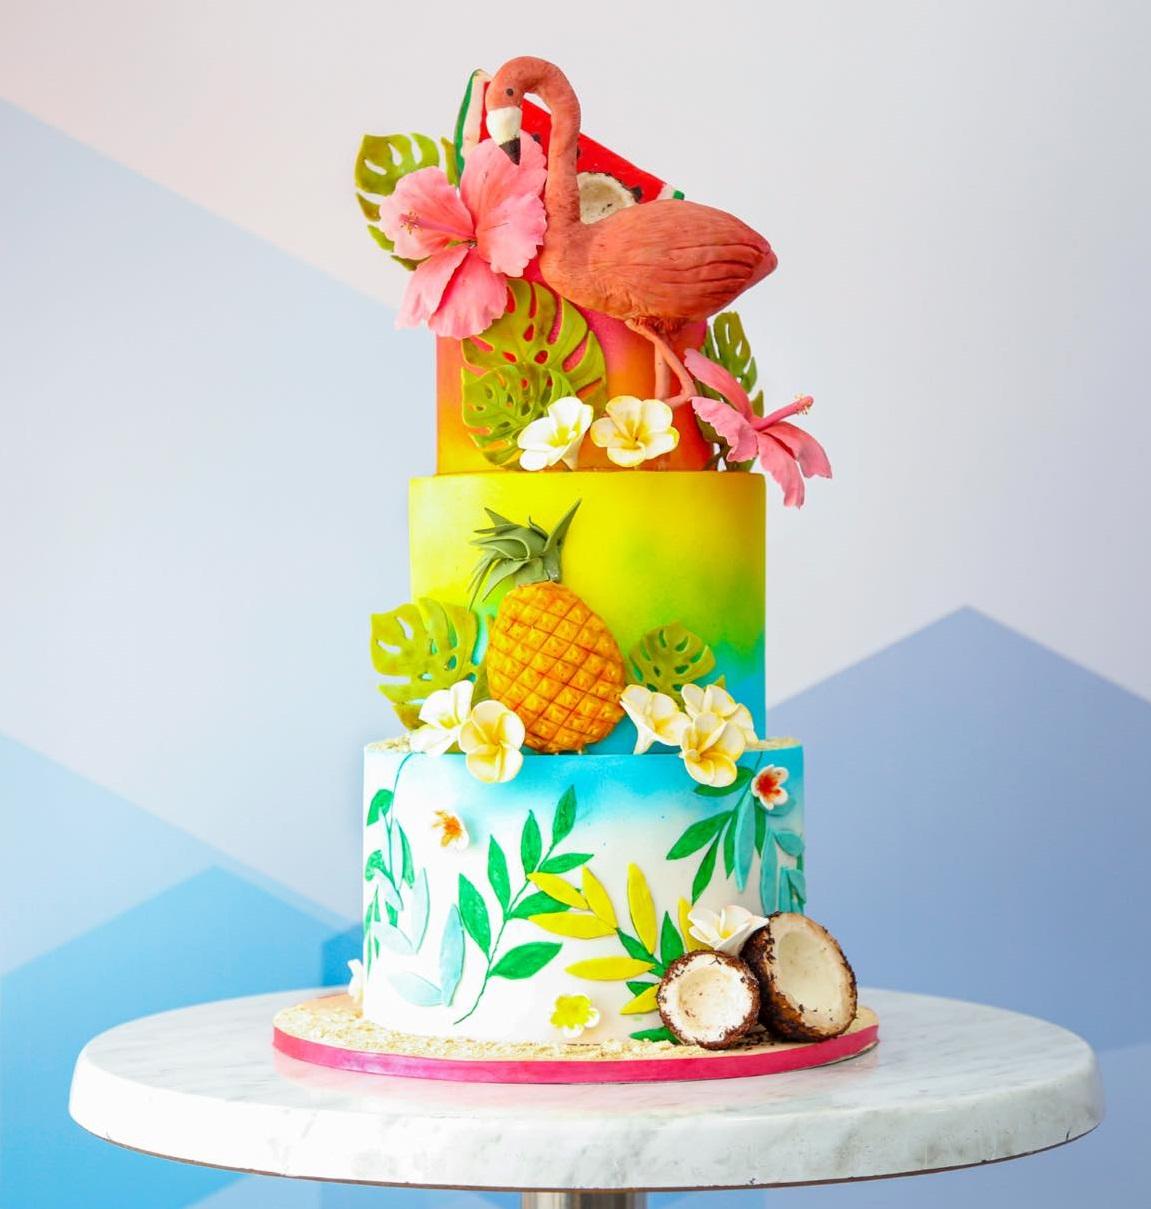 Cake by Rizaniya Nilam of The Cravings